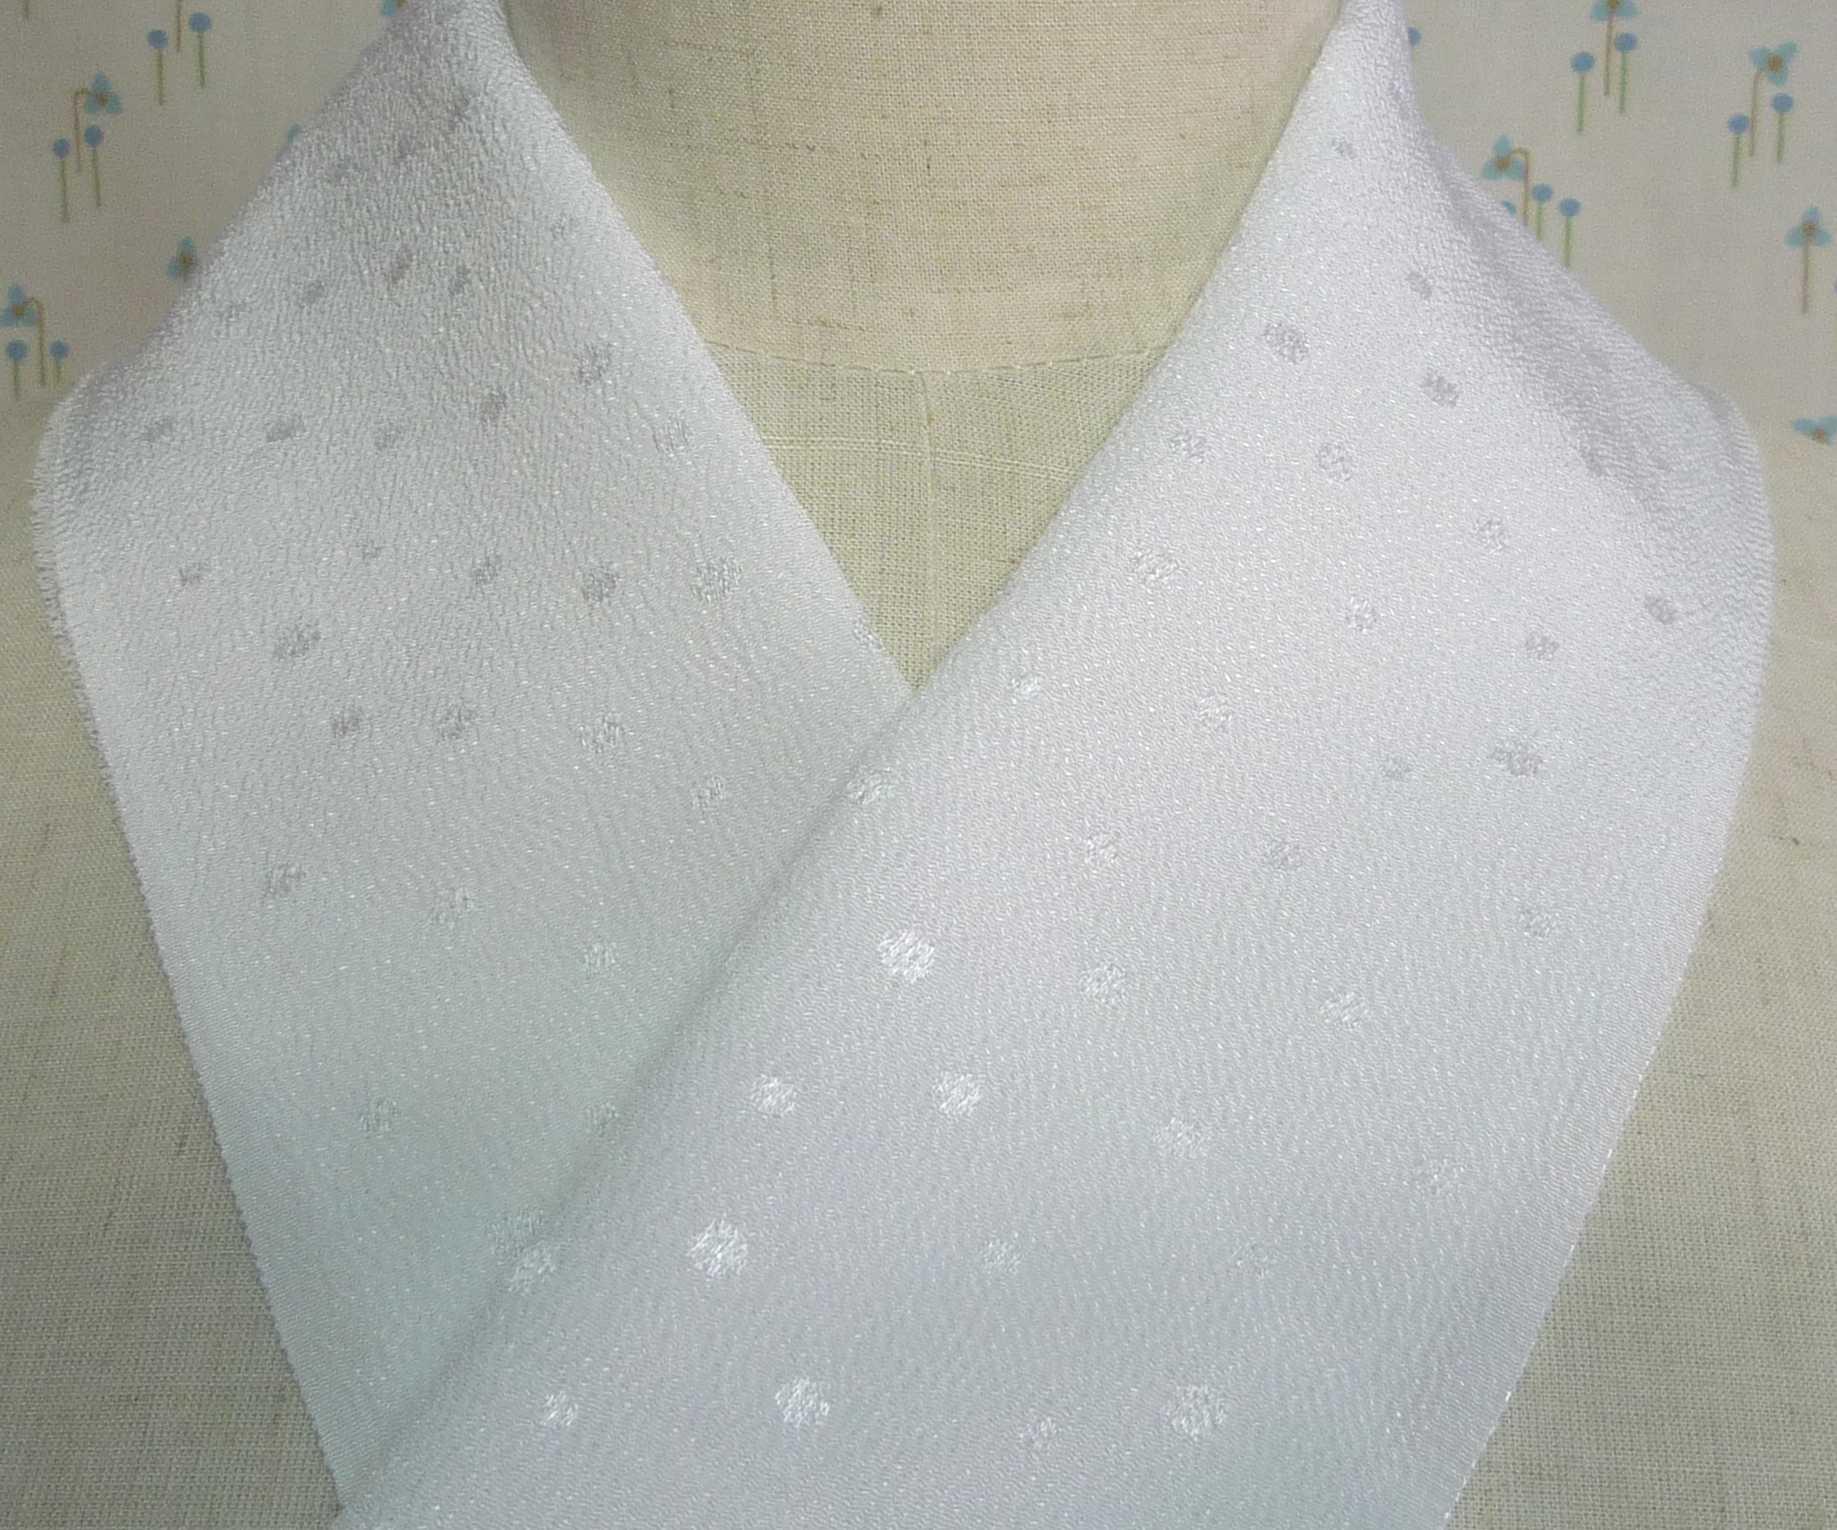 縮緬の風合いと水玉のコラボがほっこり♪【正規品】小シボ縮緬・水玉半衿